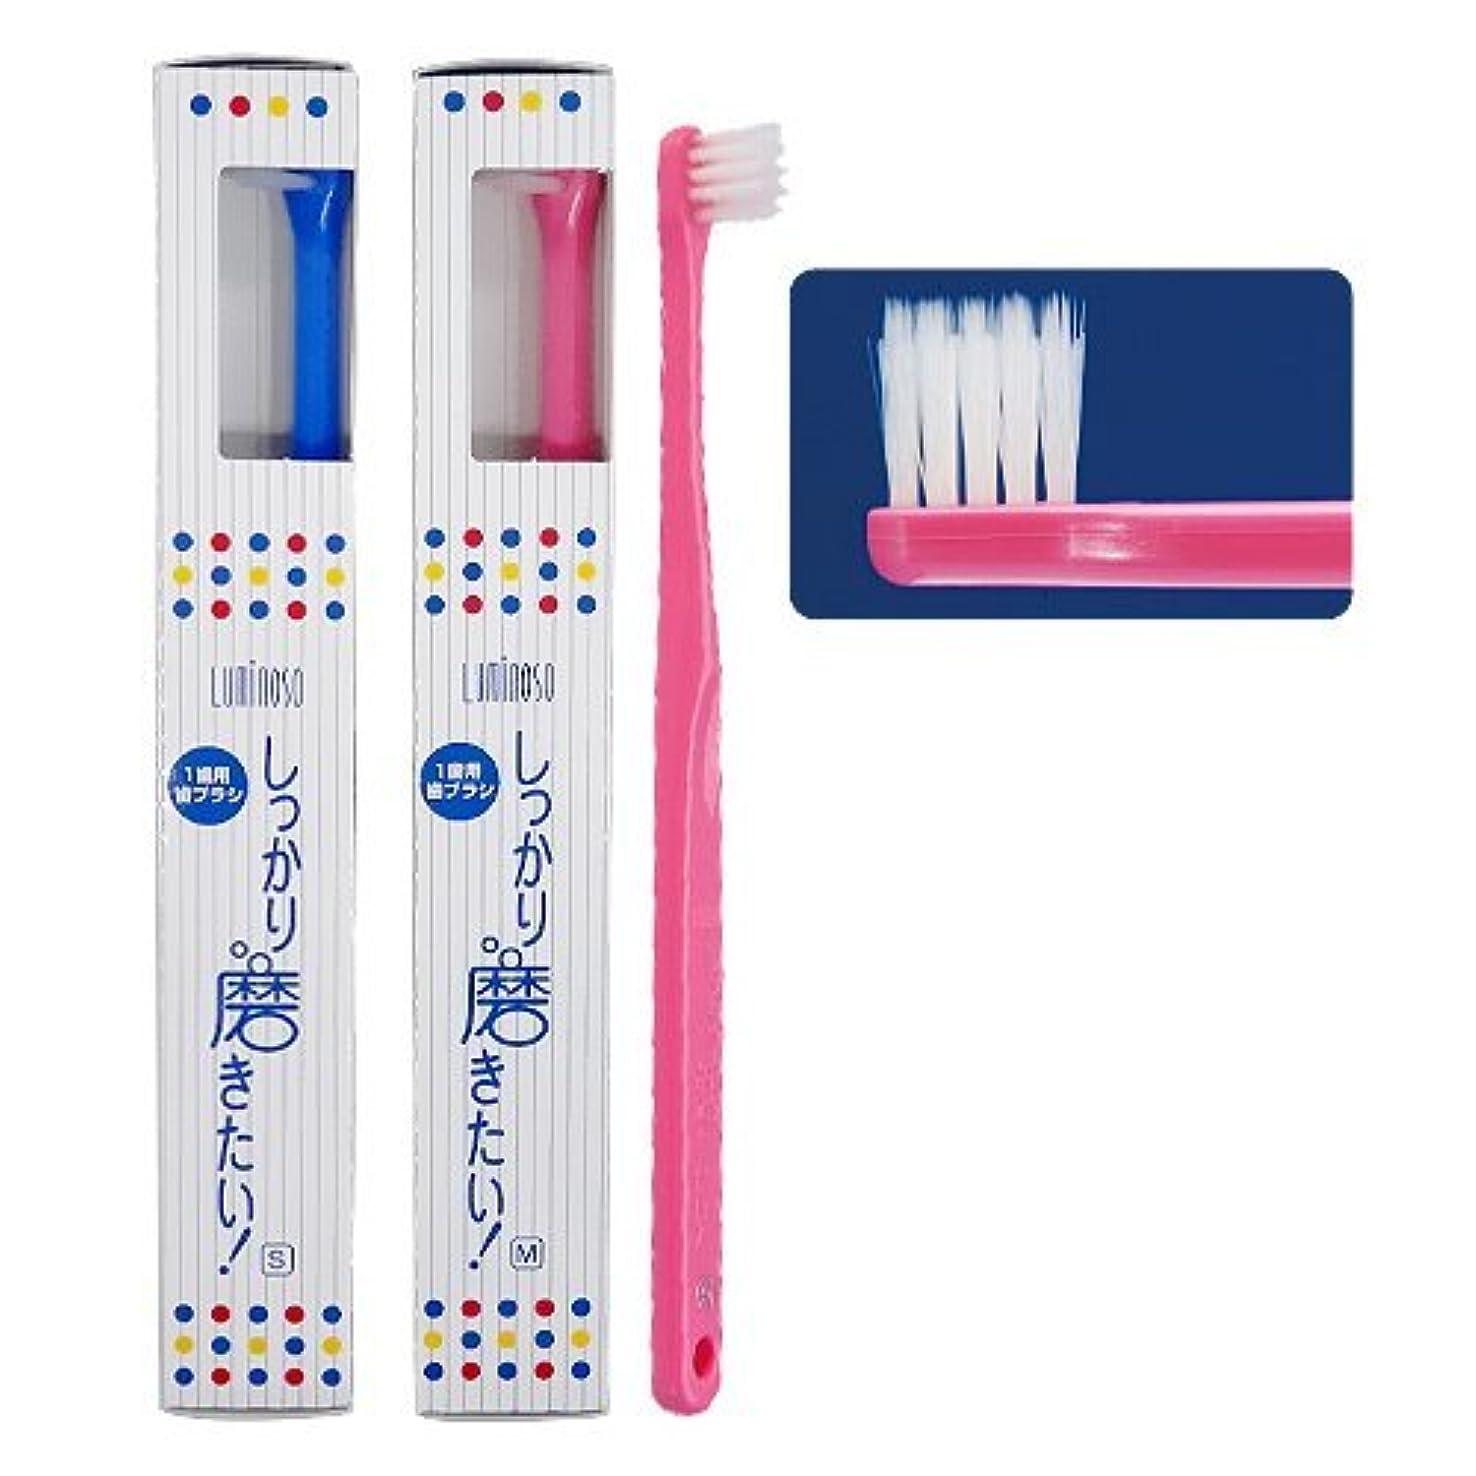 犯人自分のためにメキシコルミノソ 1歯用歯ブラシ「しっかり磨きたい!」スタンダード ミディアム (カラー指定不可) 3本